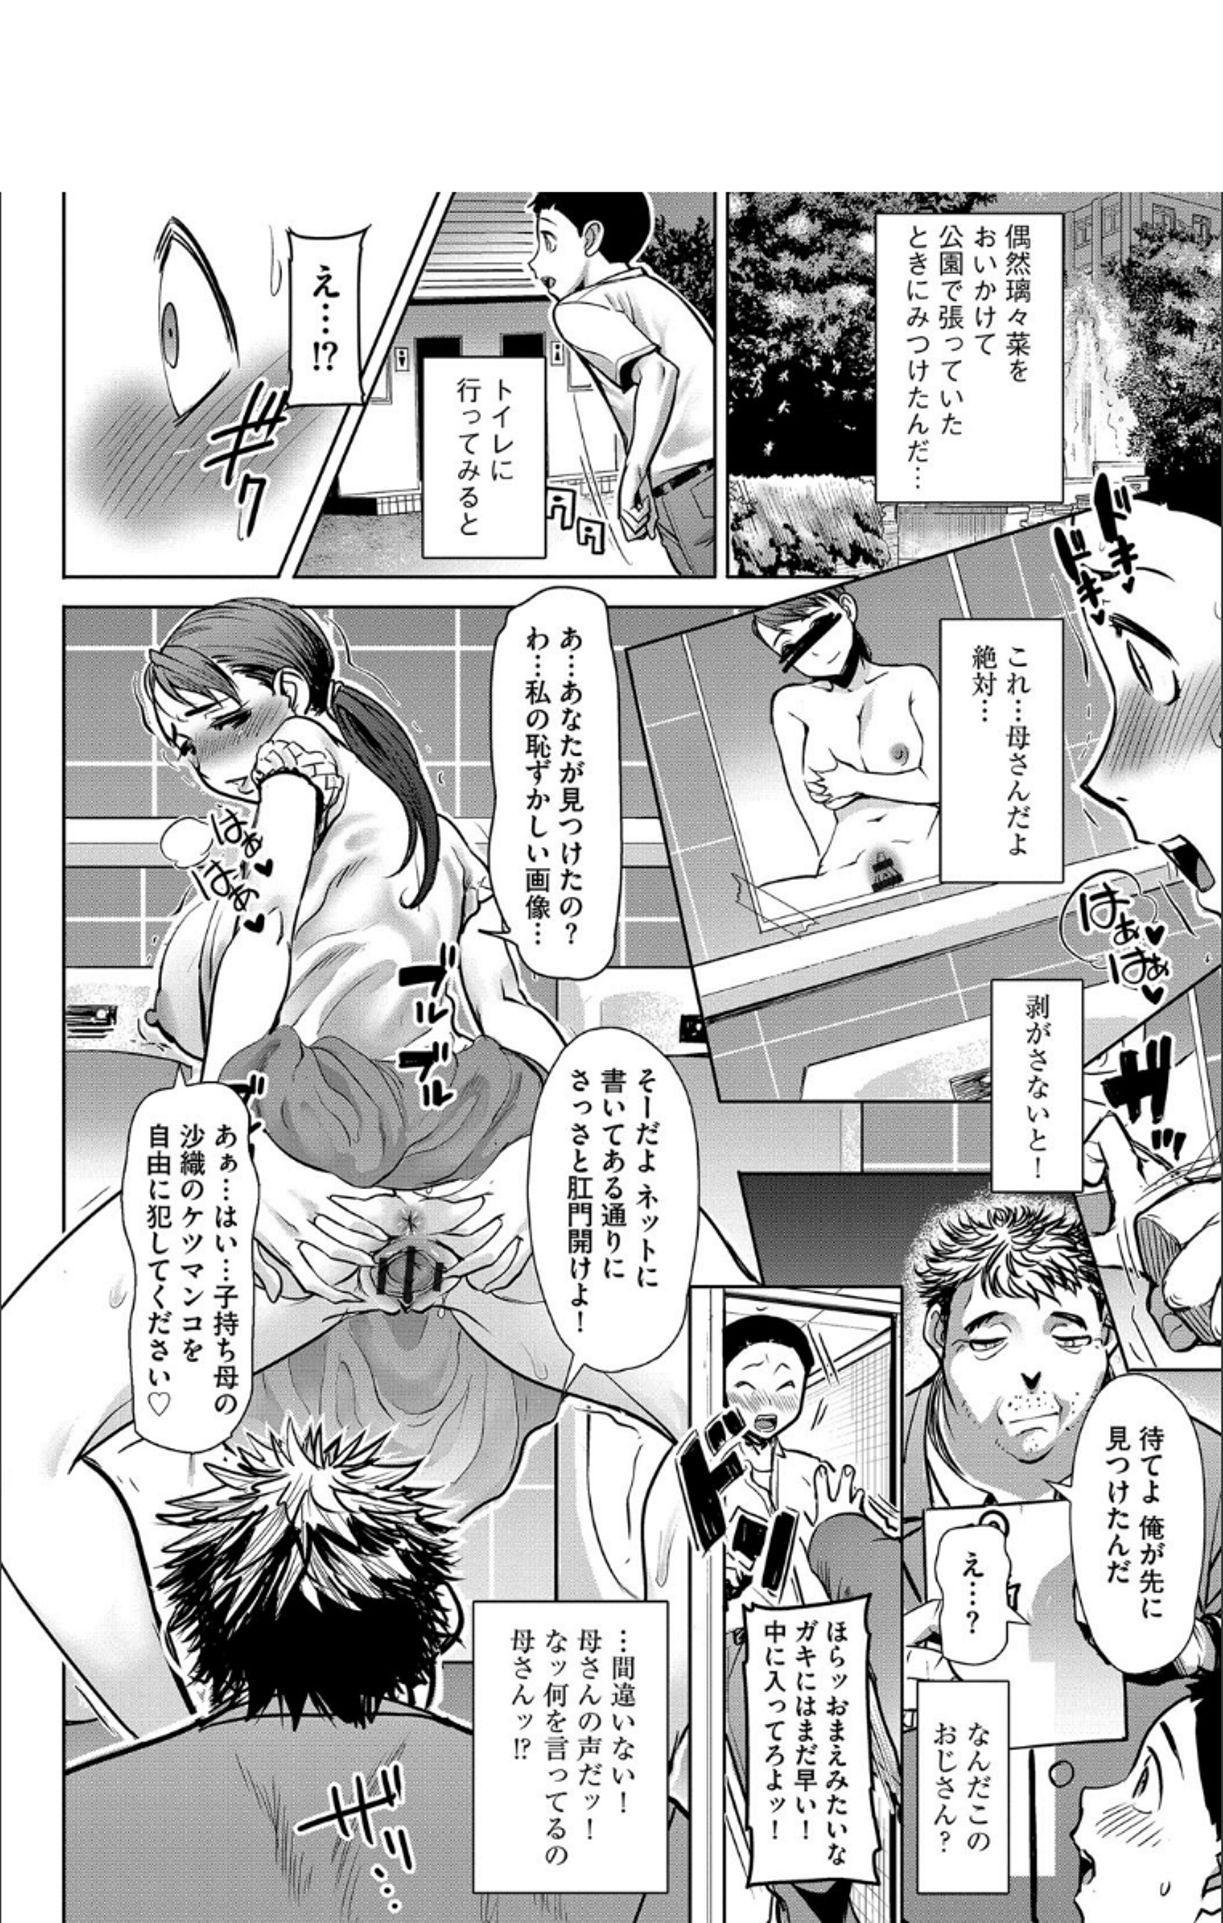 Boku no Kazoku o Sarashimasu + DMM Gentei Tokuten Paper 228